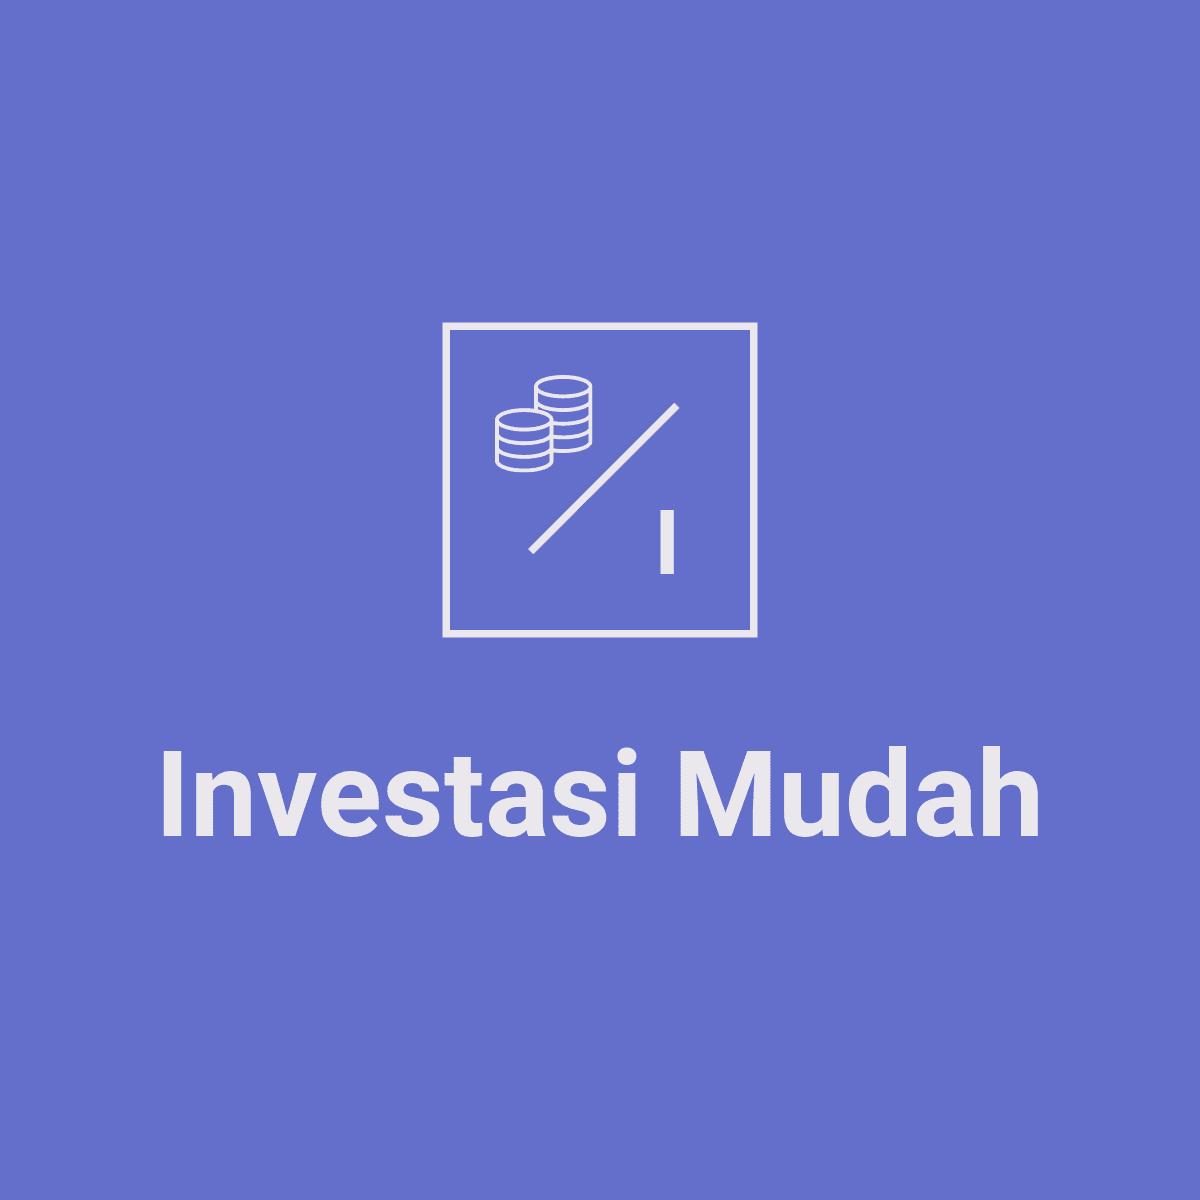 Investasi Mudah